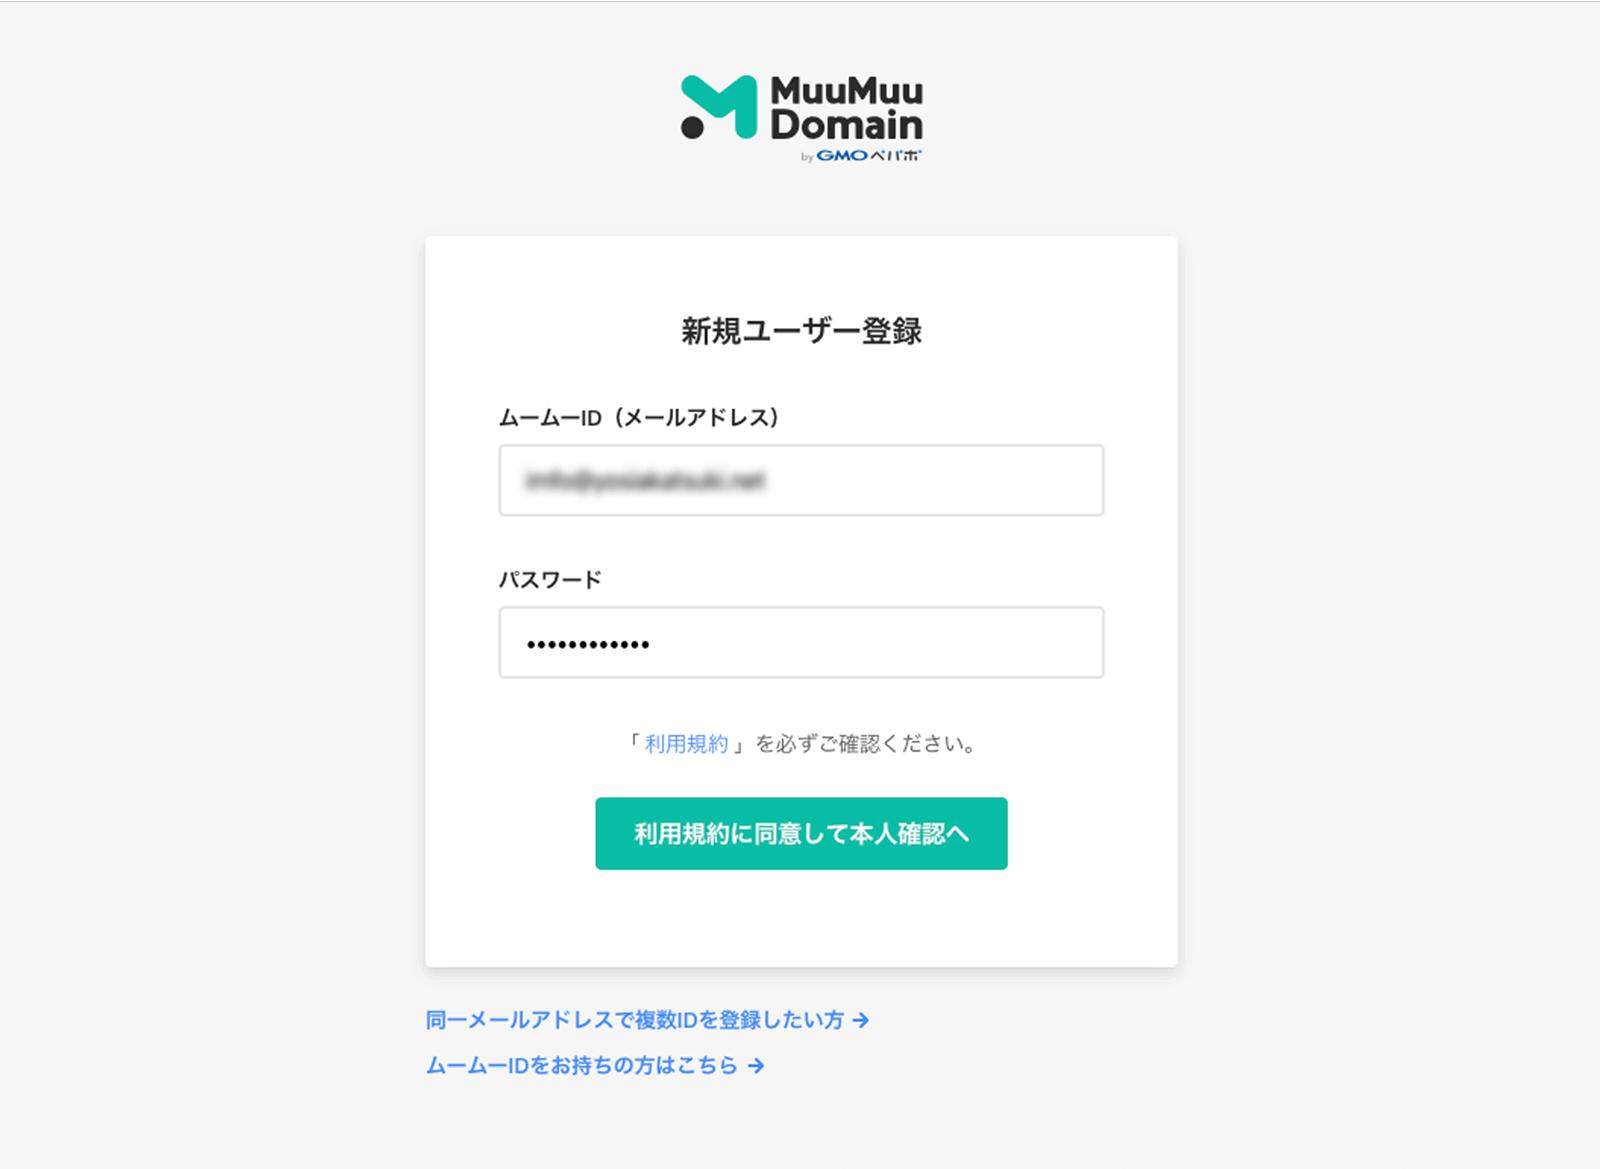 ムームードメインのアカウントとして使うメールアドレスとパスワードを入力する